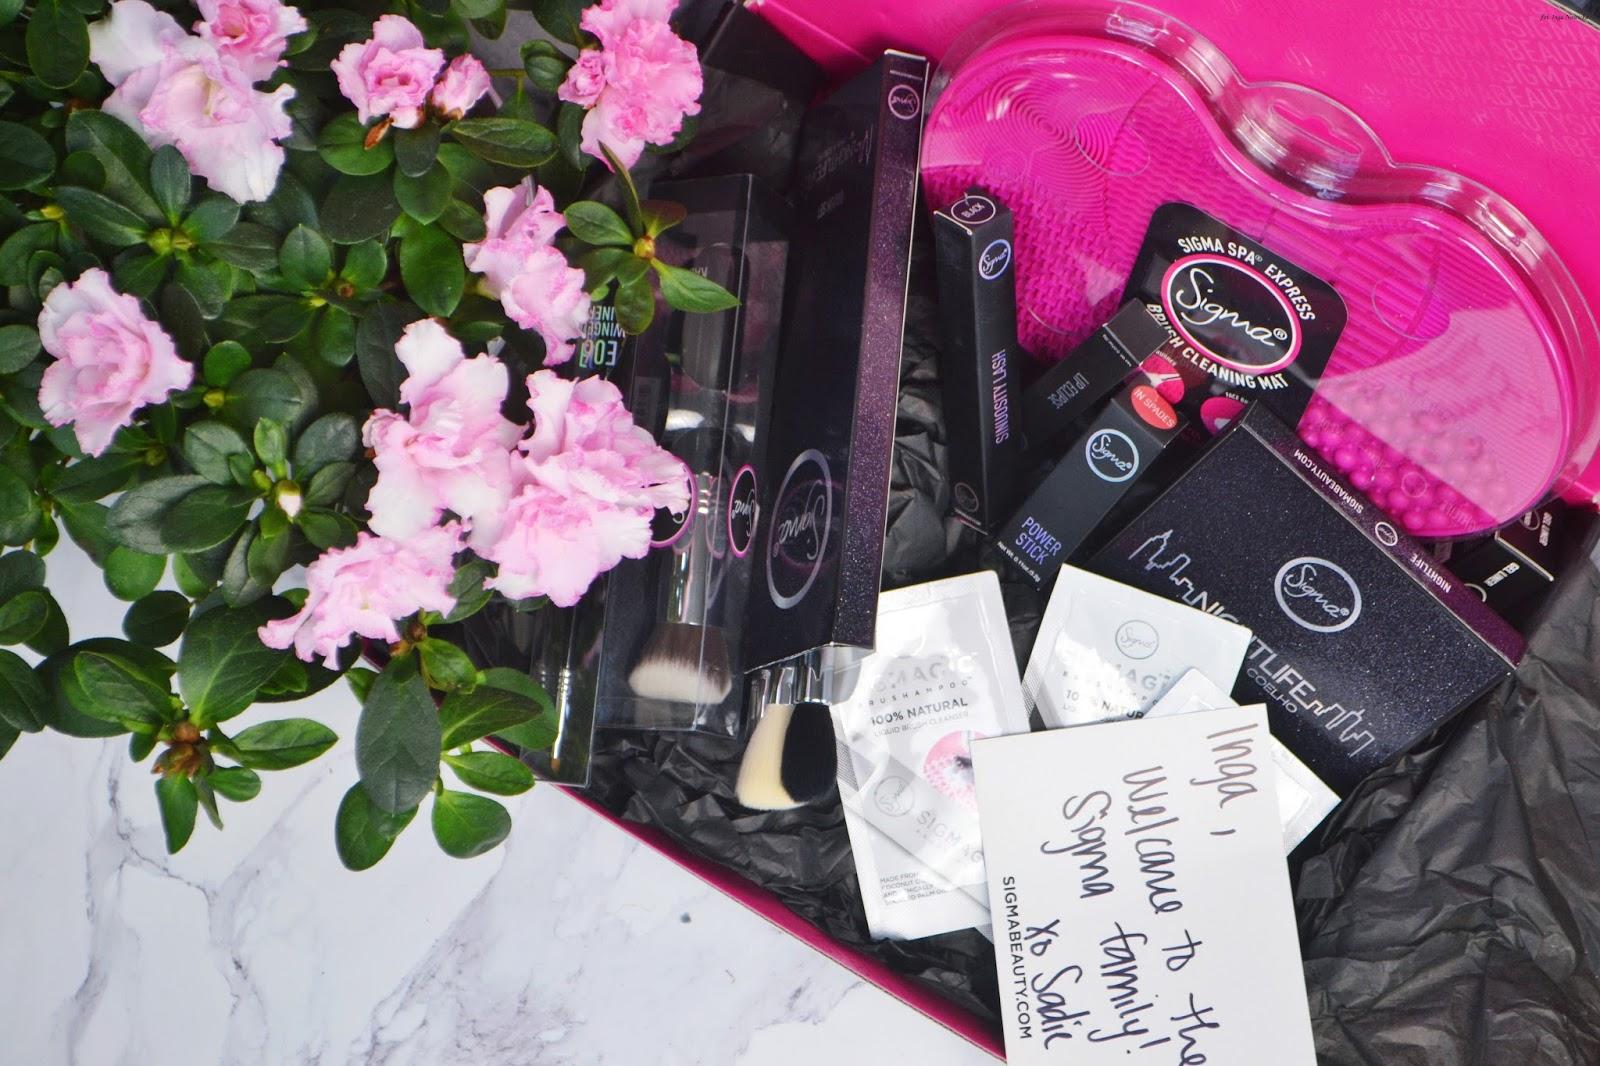 kosmetyki marki Sigma Beauty